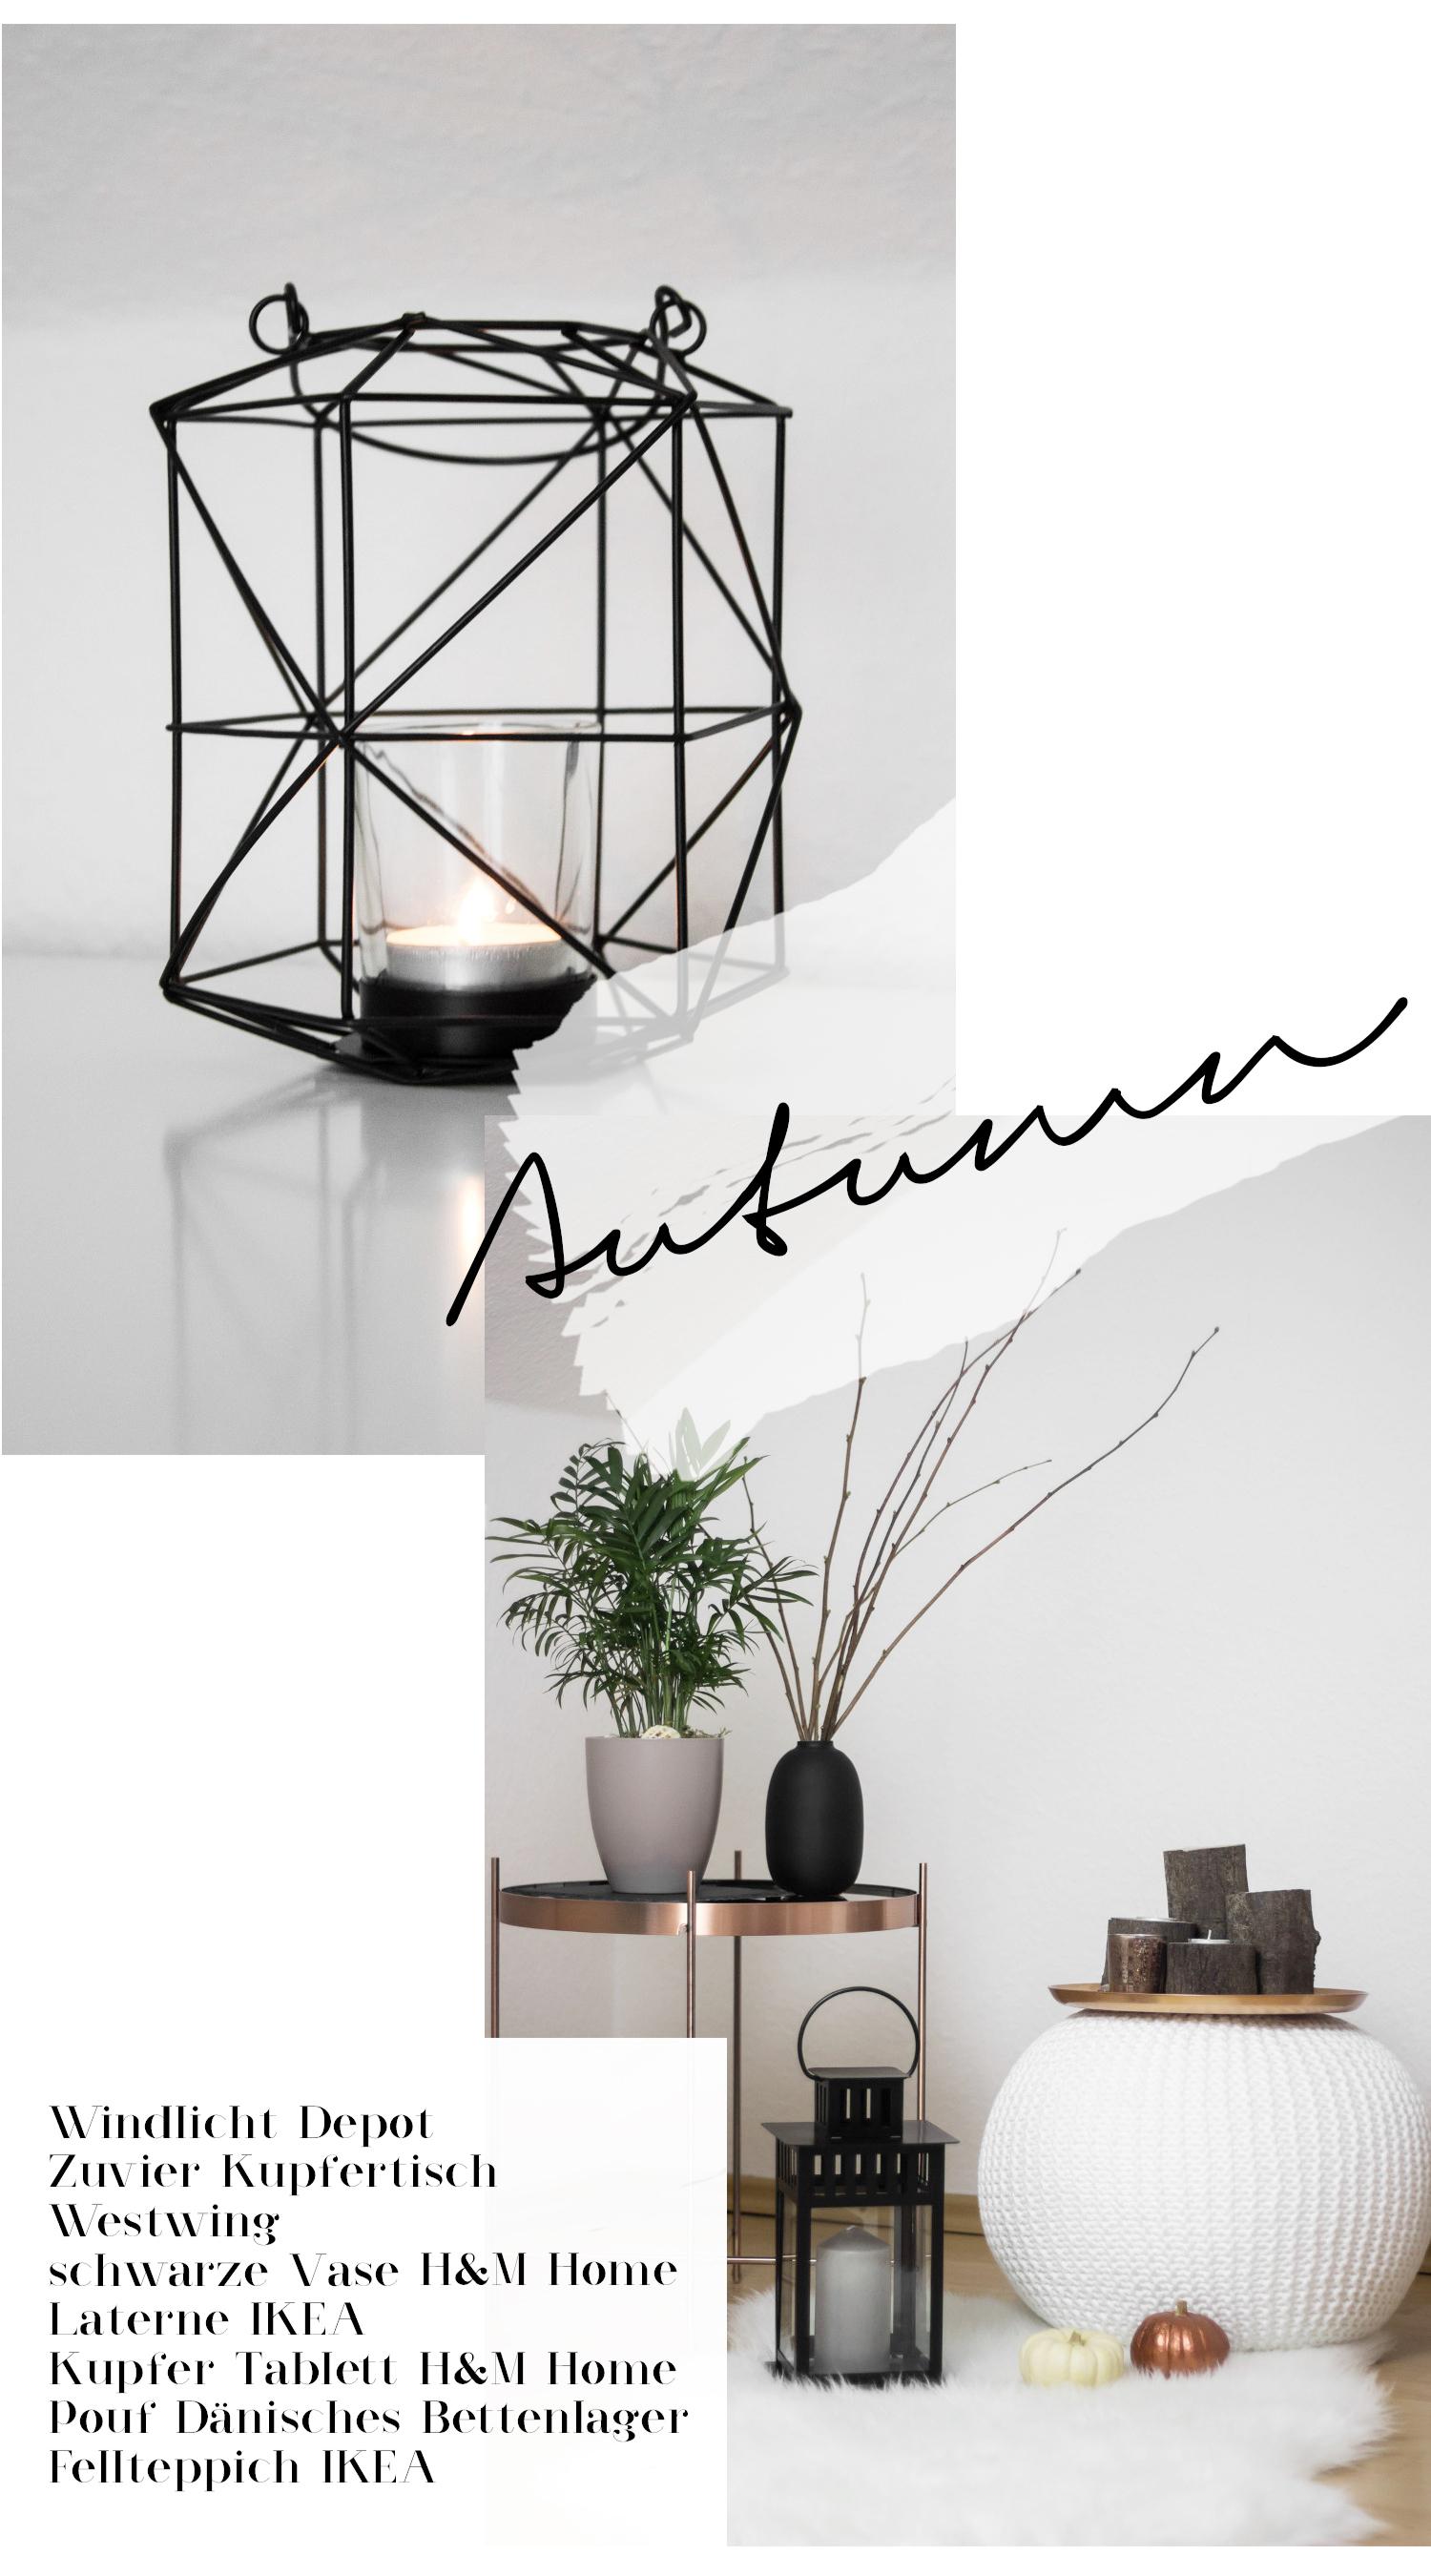 Herbst dekoration schlafzimmer einrichtung pt 2 for Minimal wohnen